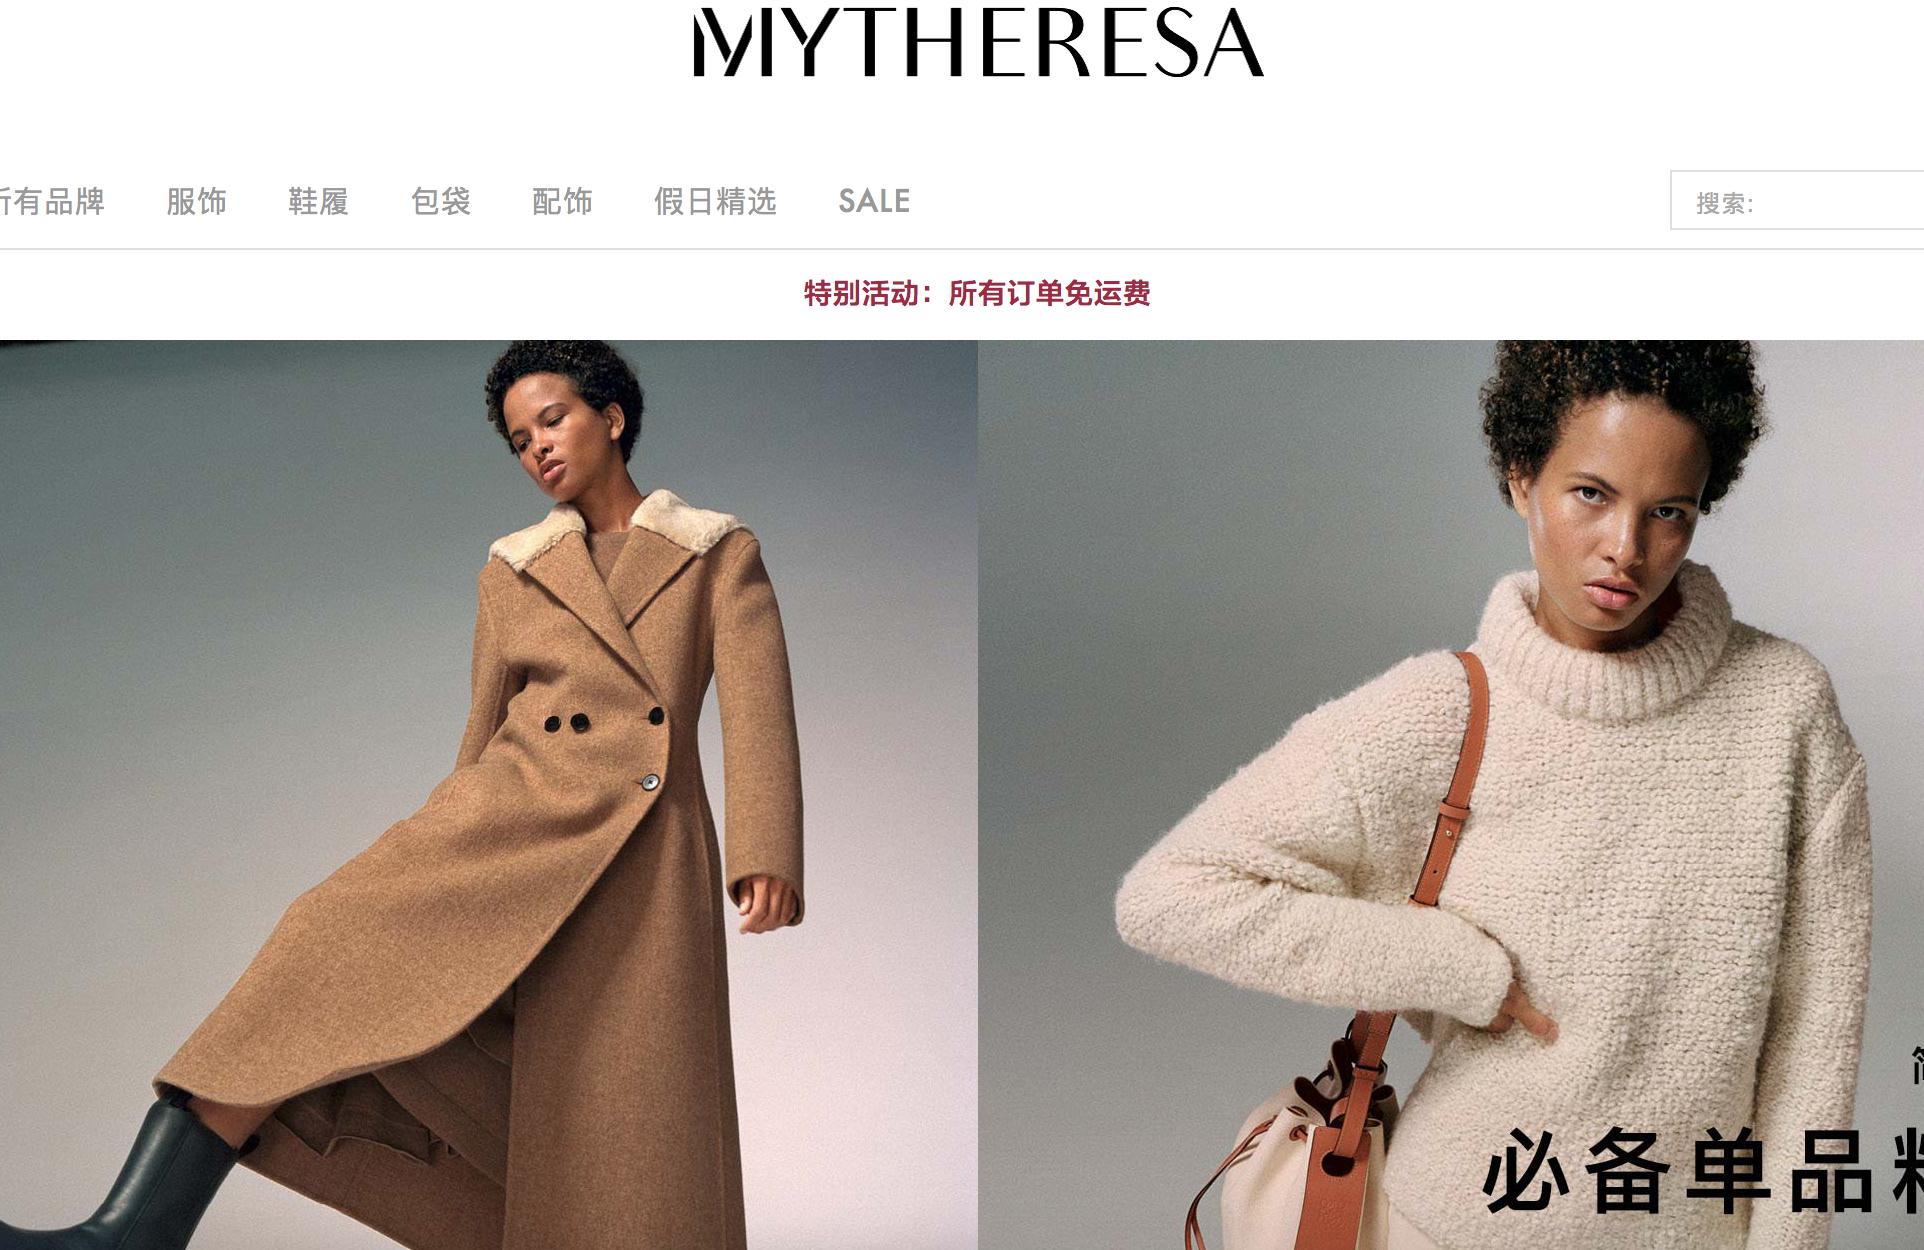 德国奢侈品电商 Mytheresa 上财年线上营收增长20%,年销售额达4.5亿欧元